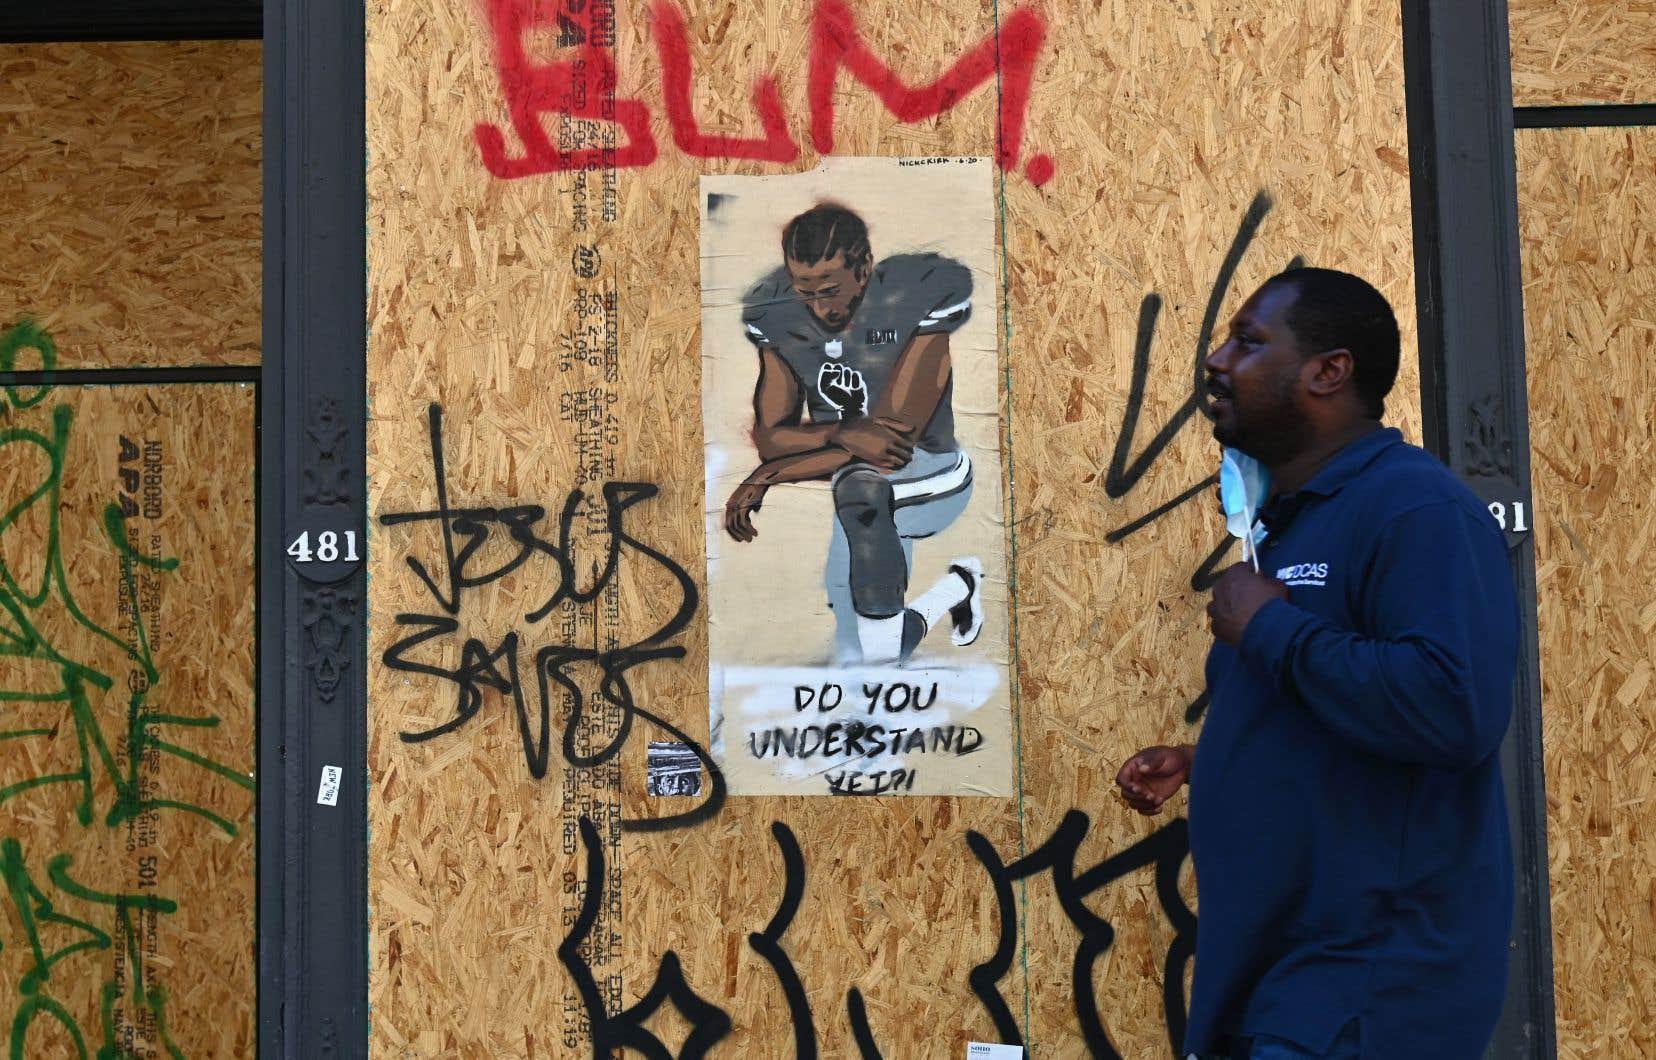 À l'été dernier, une boutique placardée de Manhattan montrait des tags de Black Lives Matter ainsi qu'une affiche à l'effigie de Colin Kaepernick, ancien quart arrière de la NFL dont le genou posé à terre pendant l'hymne national est devenu un symbole de lutte.